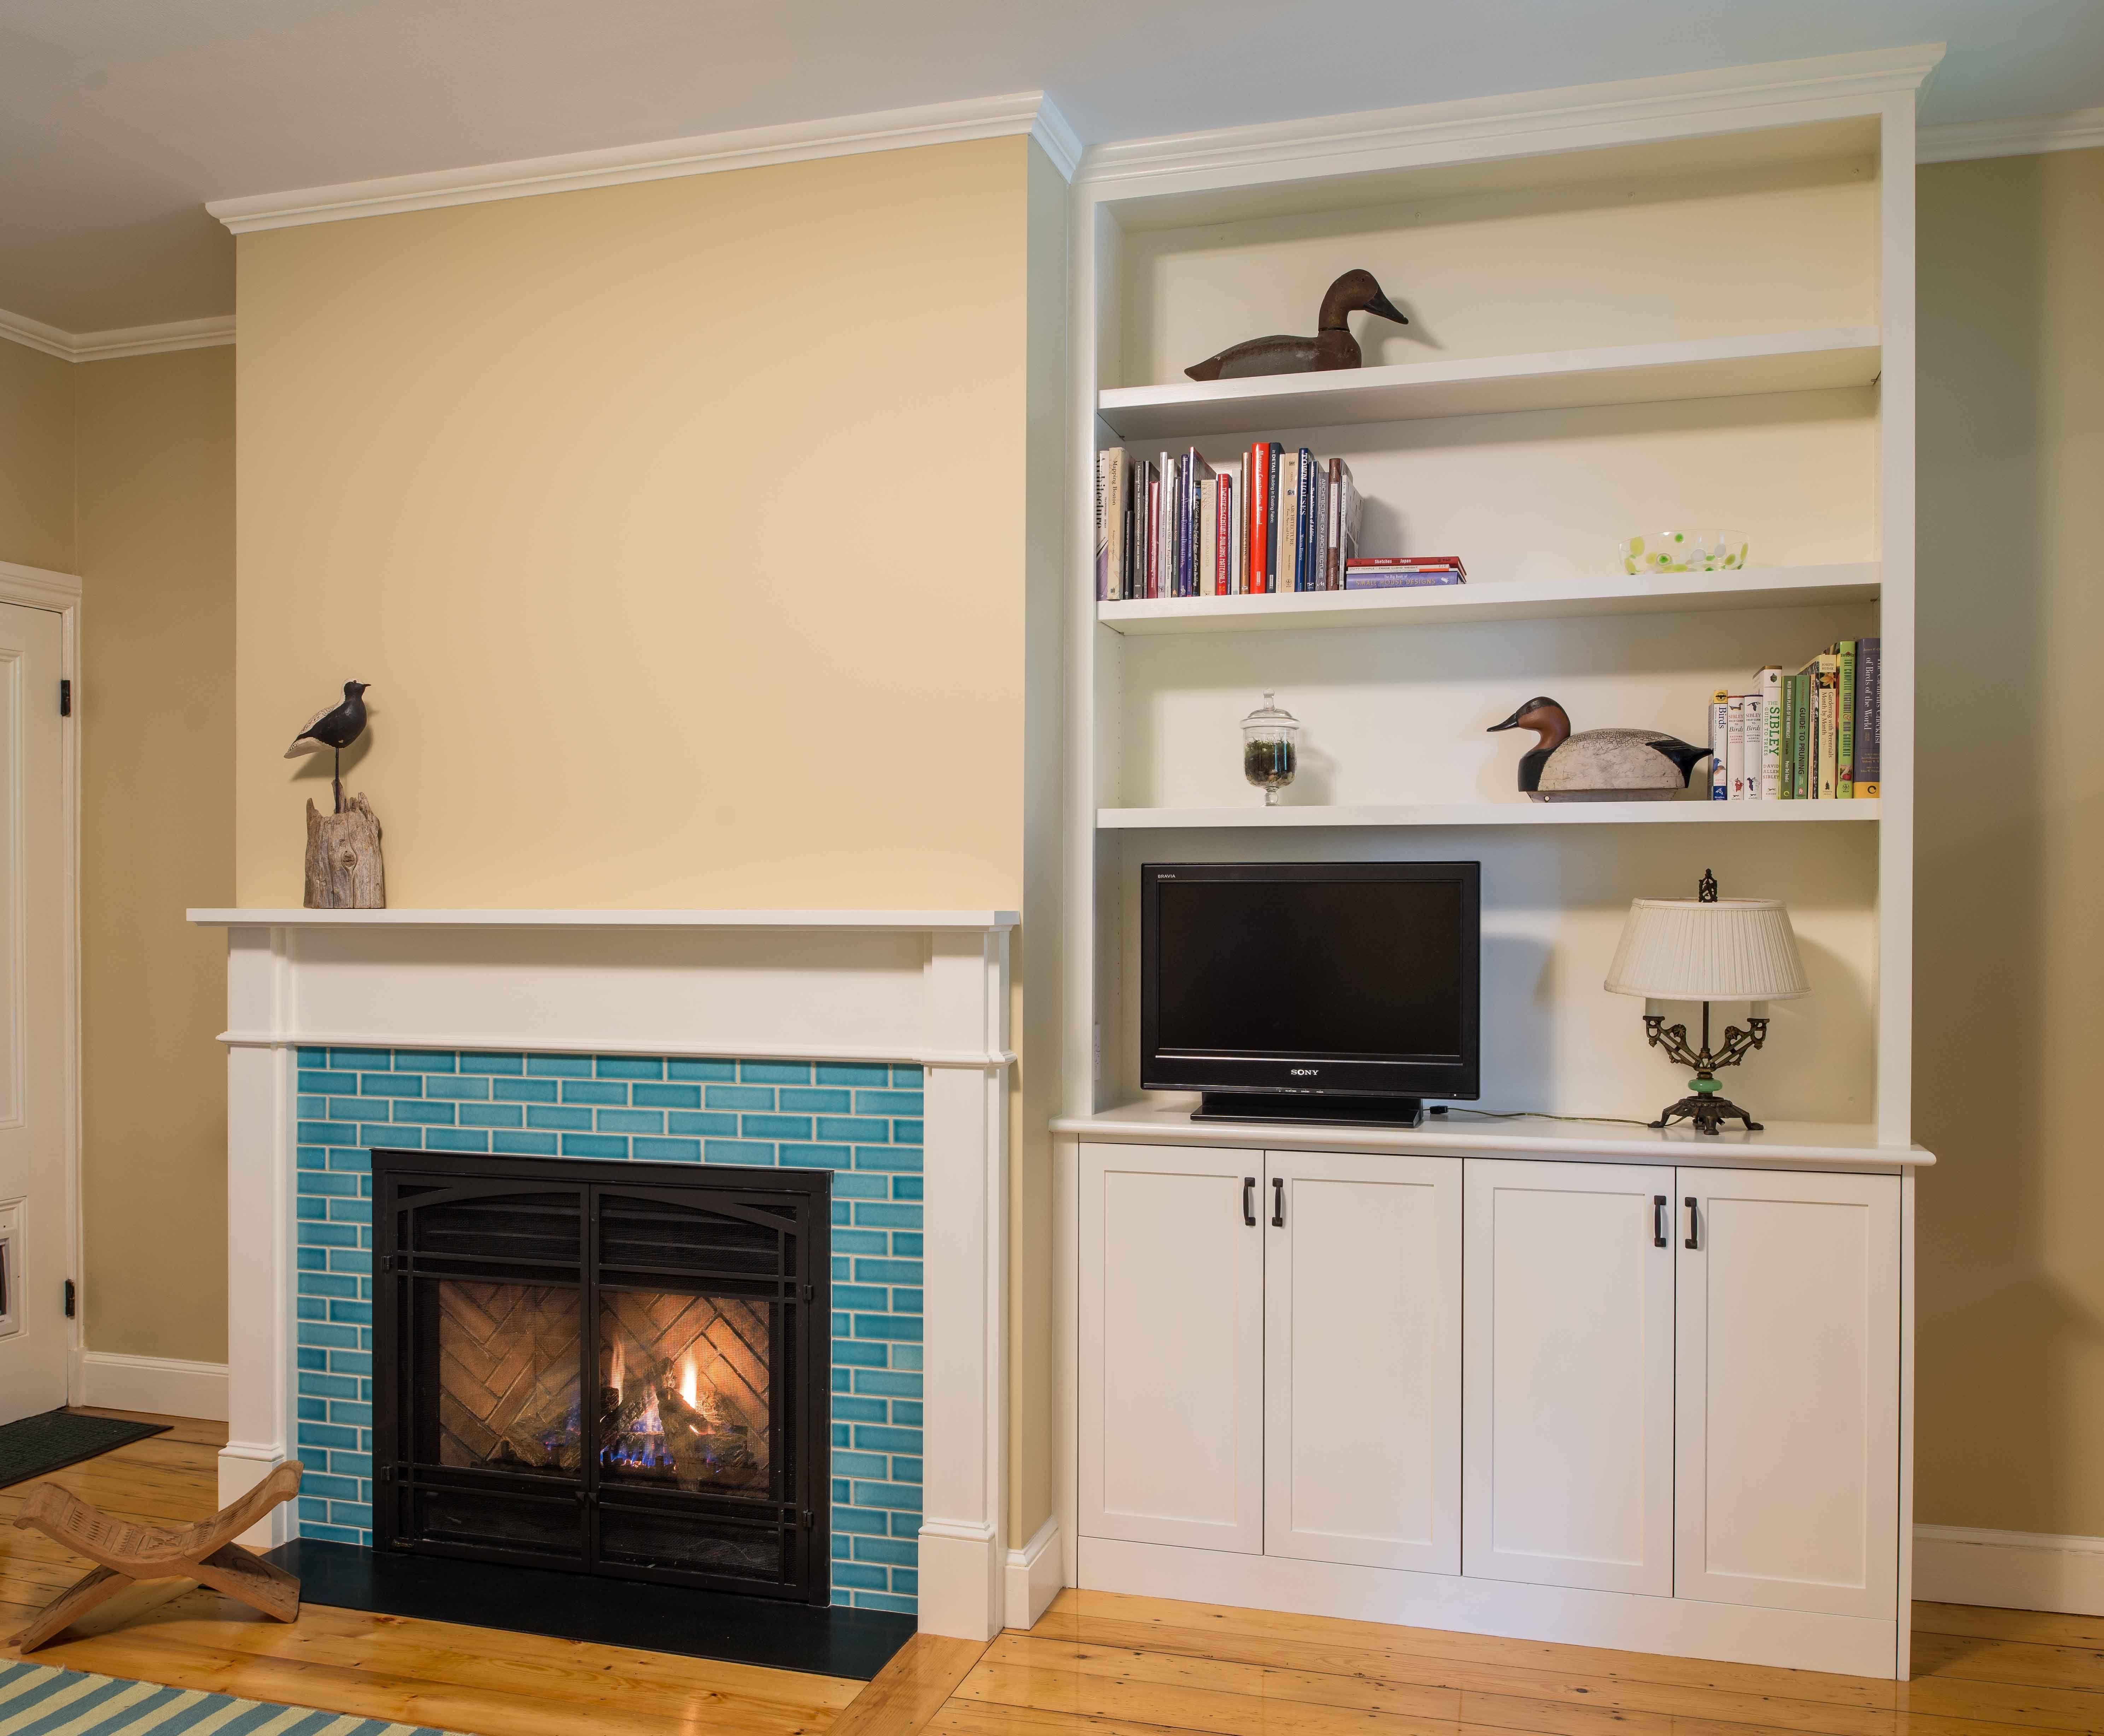 gas fireplace mantel surrounds fireplace pinterest fireplace rh pinterest com Gas Fireplace Surround Tile Cast Fireplace Mantels and Surrounds